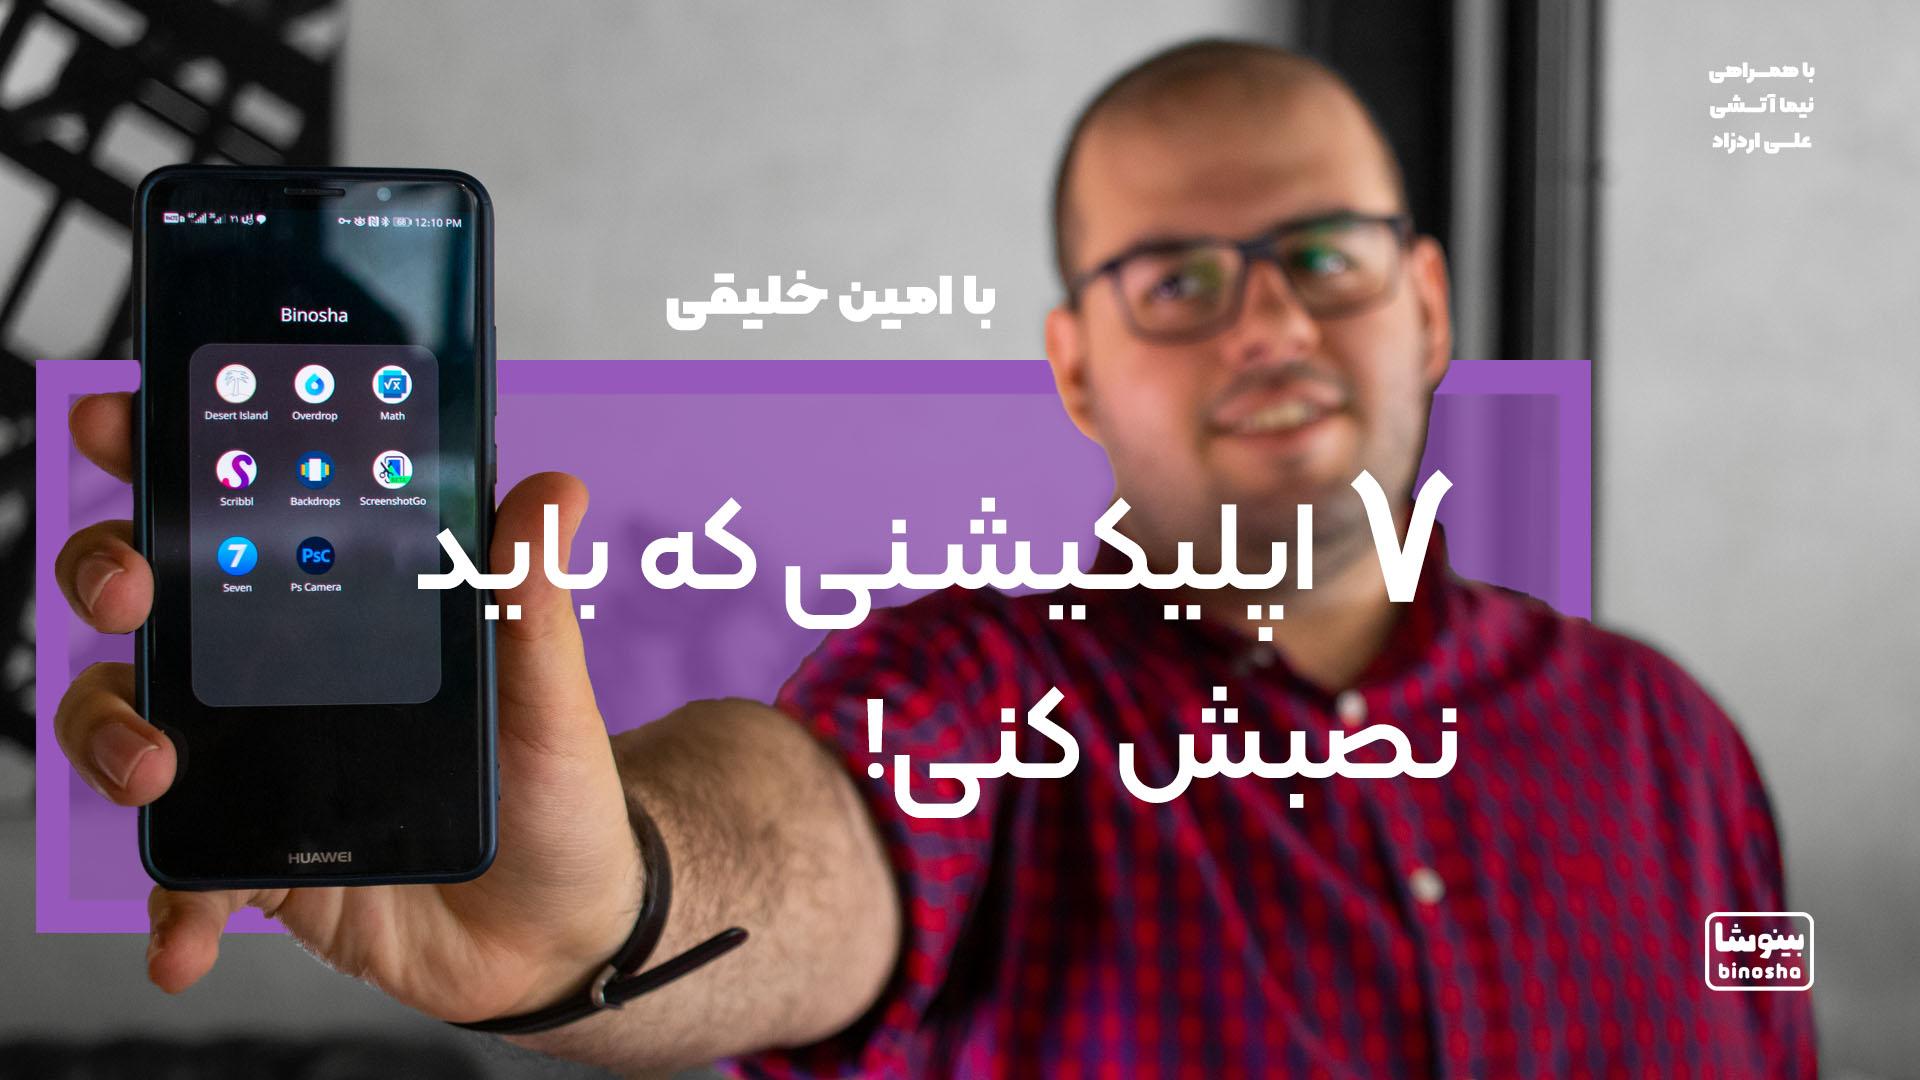 هفت اپلیکیشن که همین الان باید روگوشیت نصب کنی!!